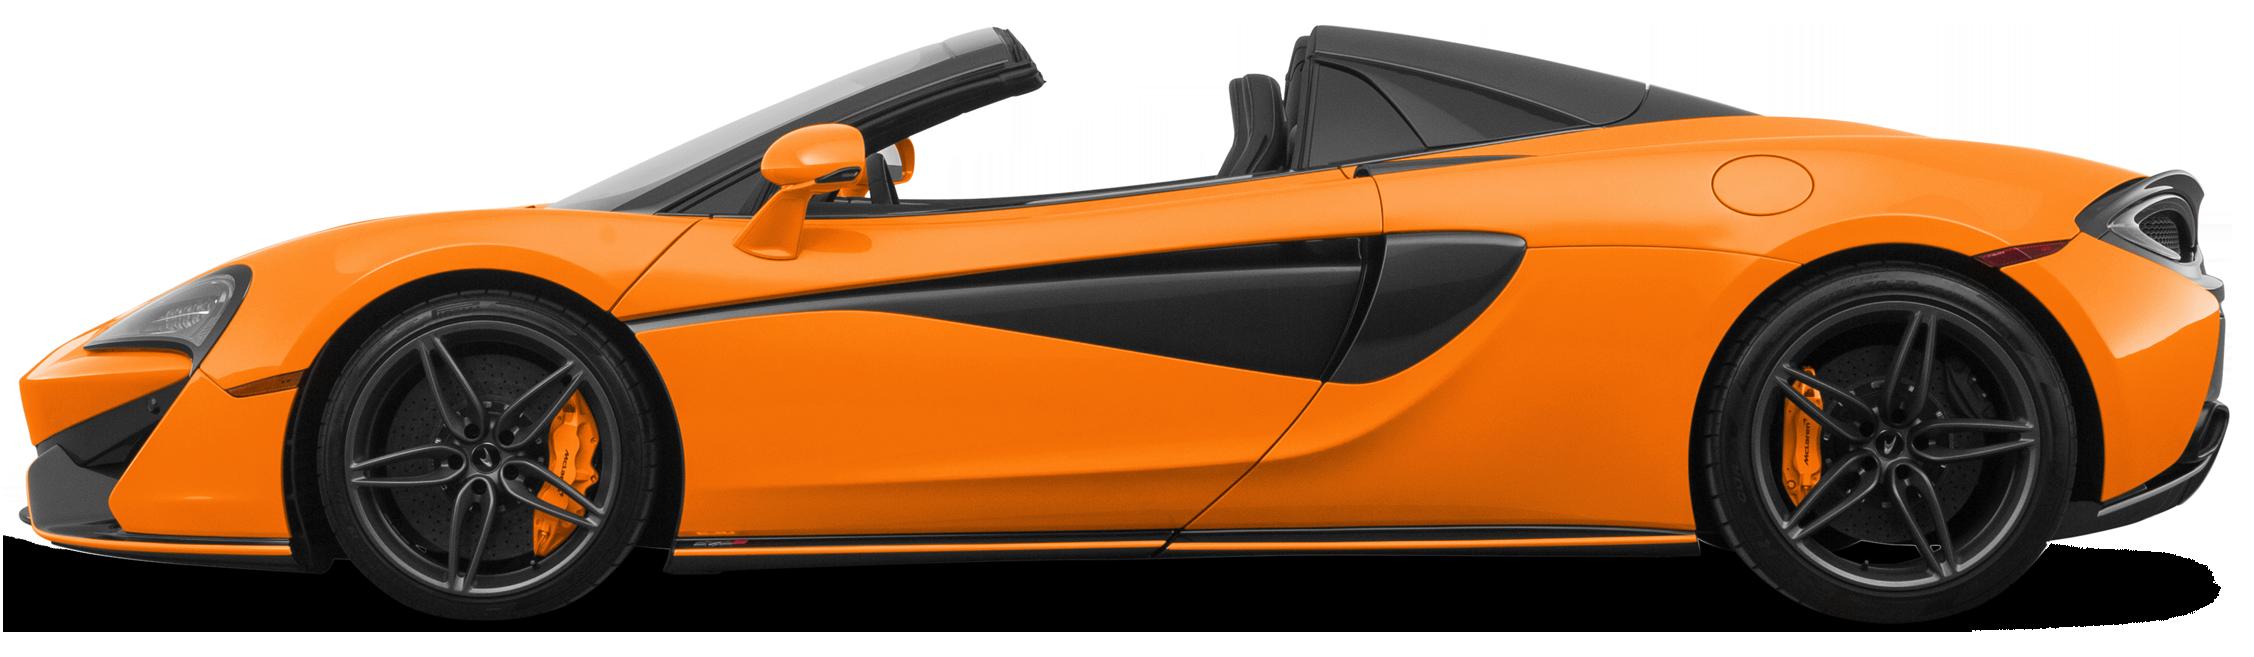 2021 McLaren 570S Convertible